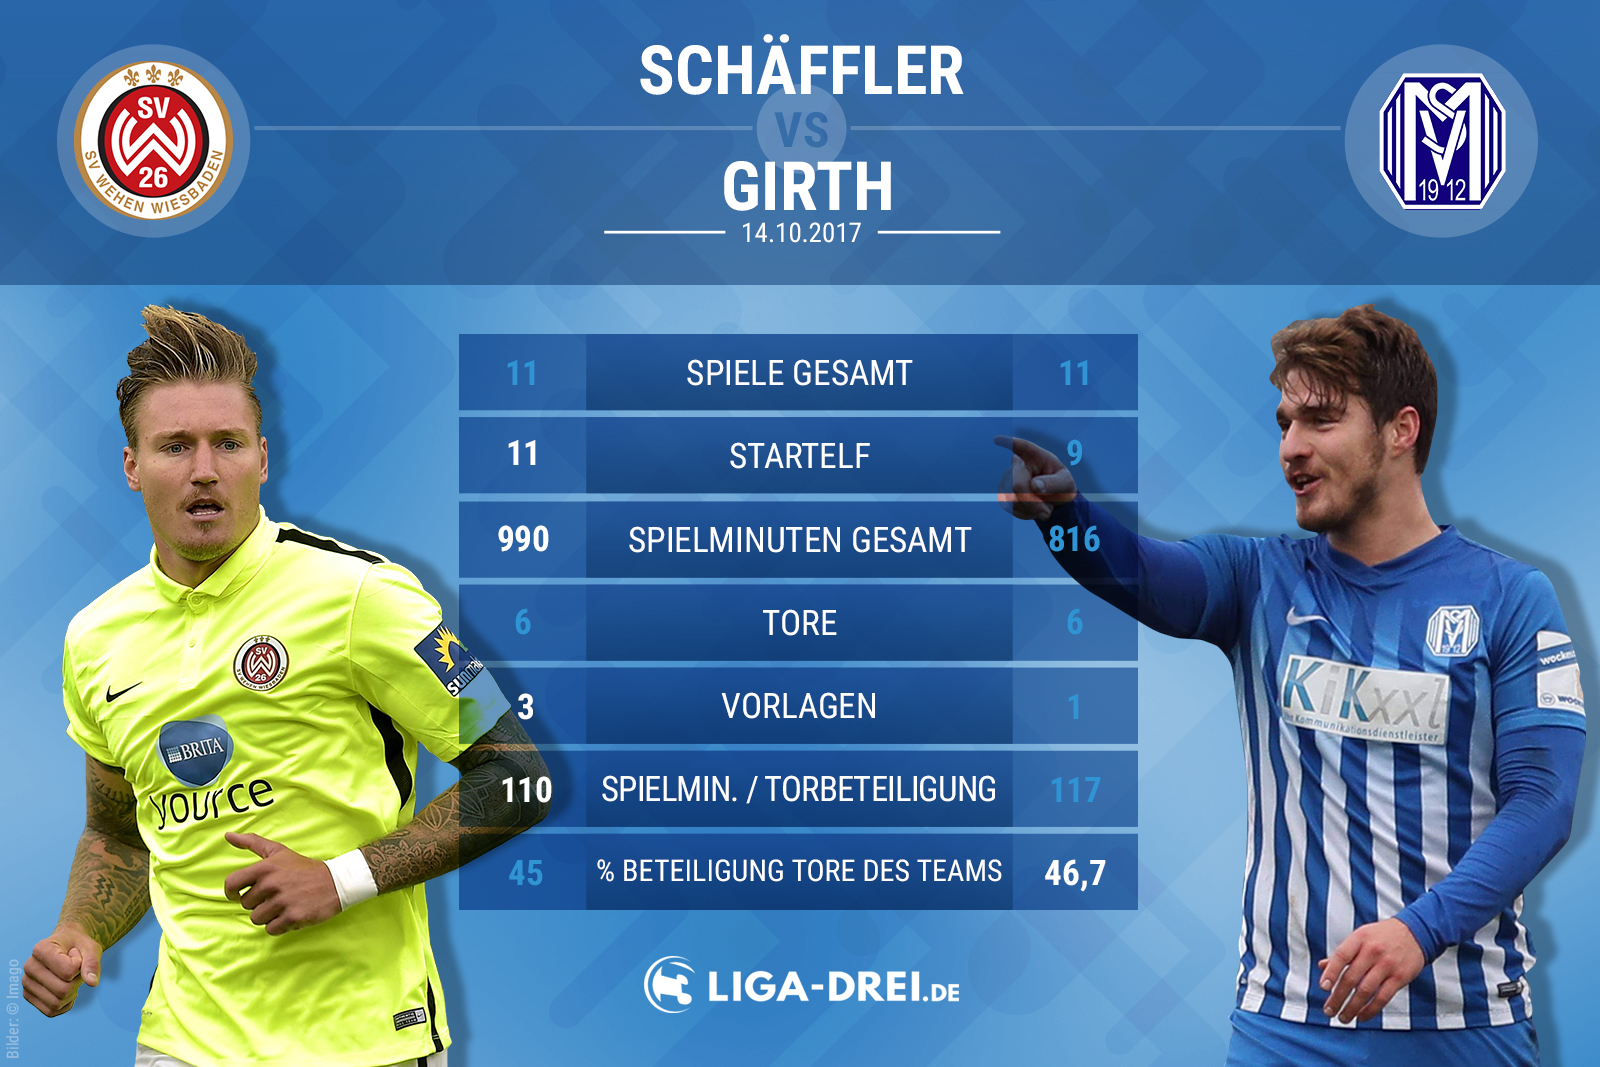 Spielervergleich Schäffler vs Girth